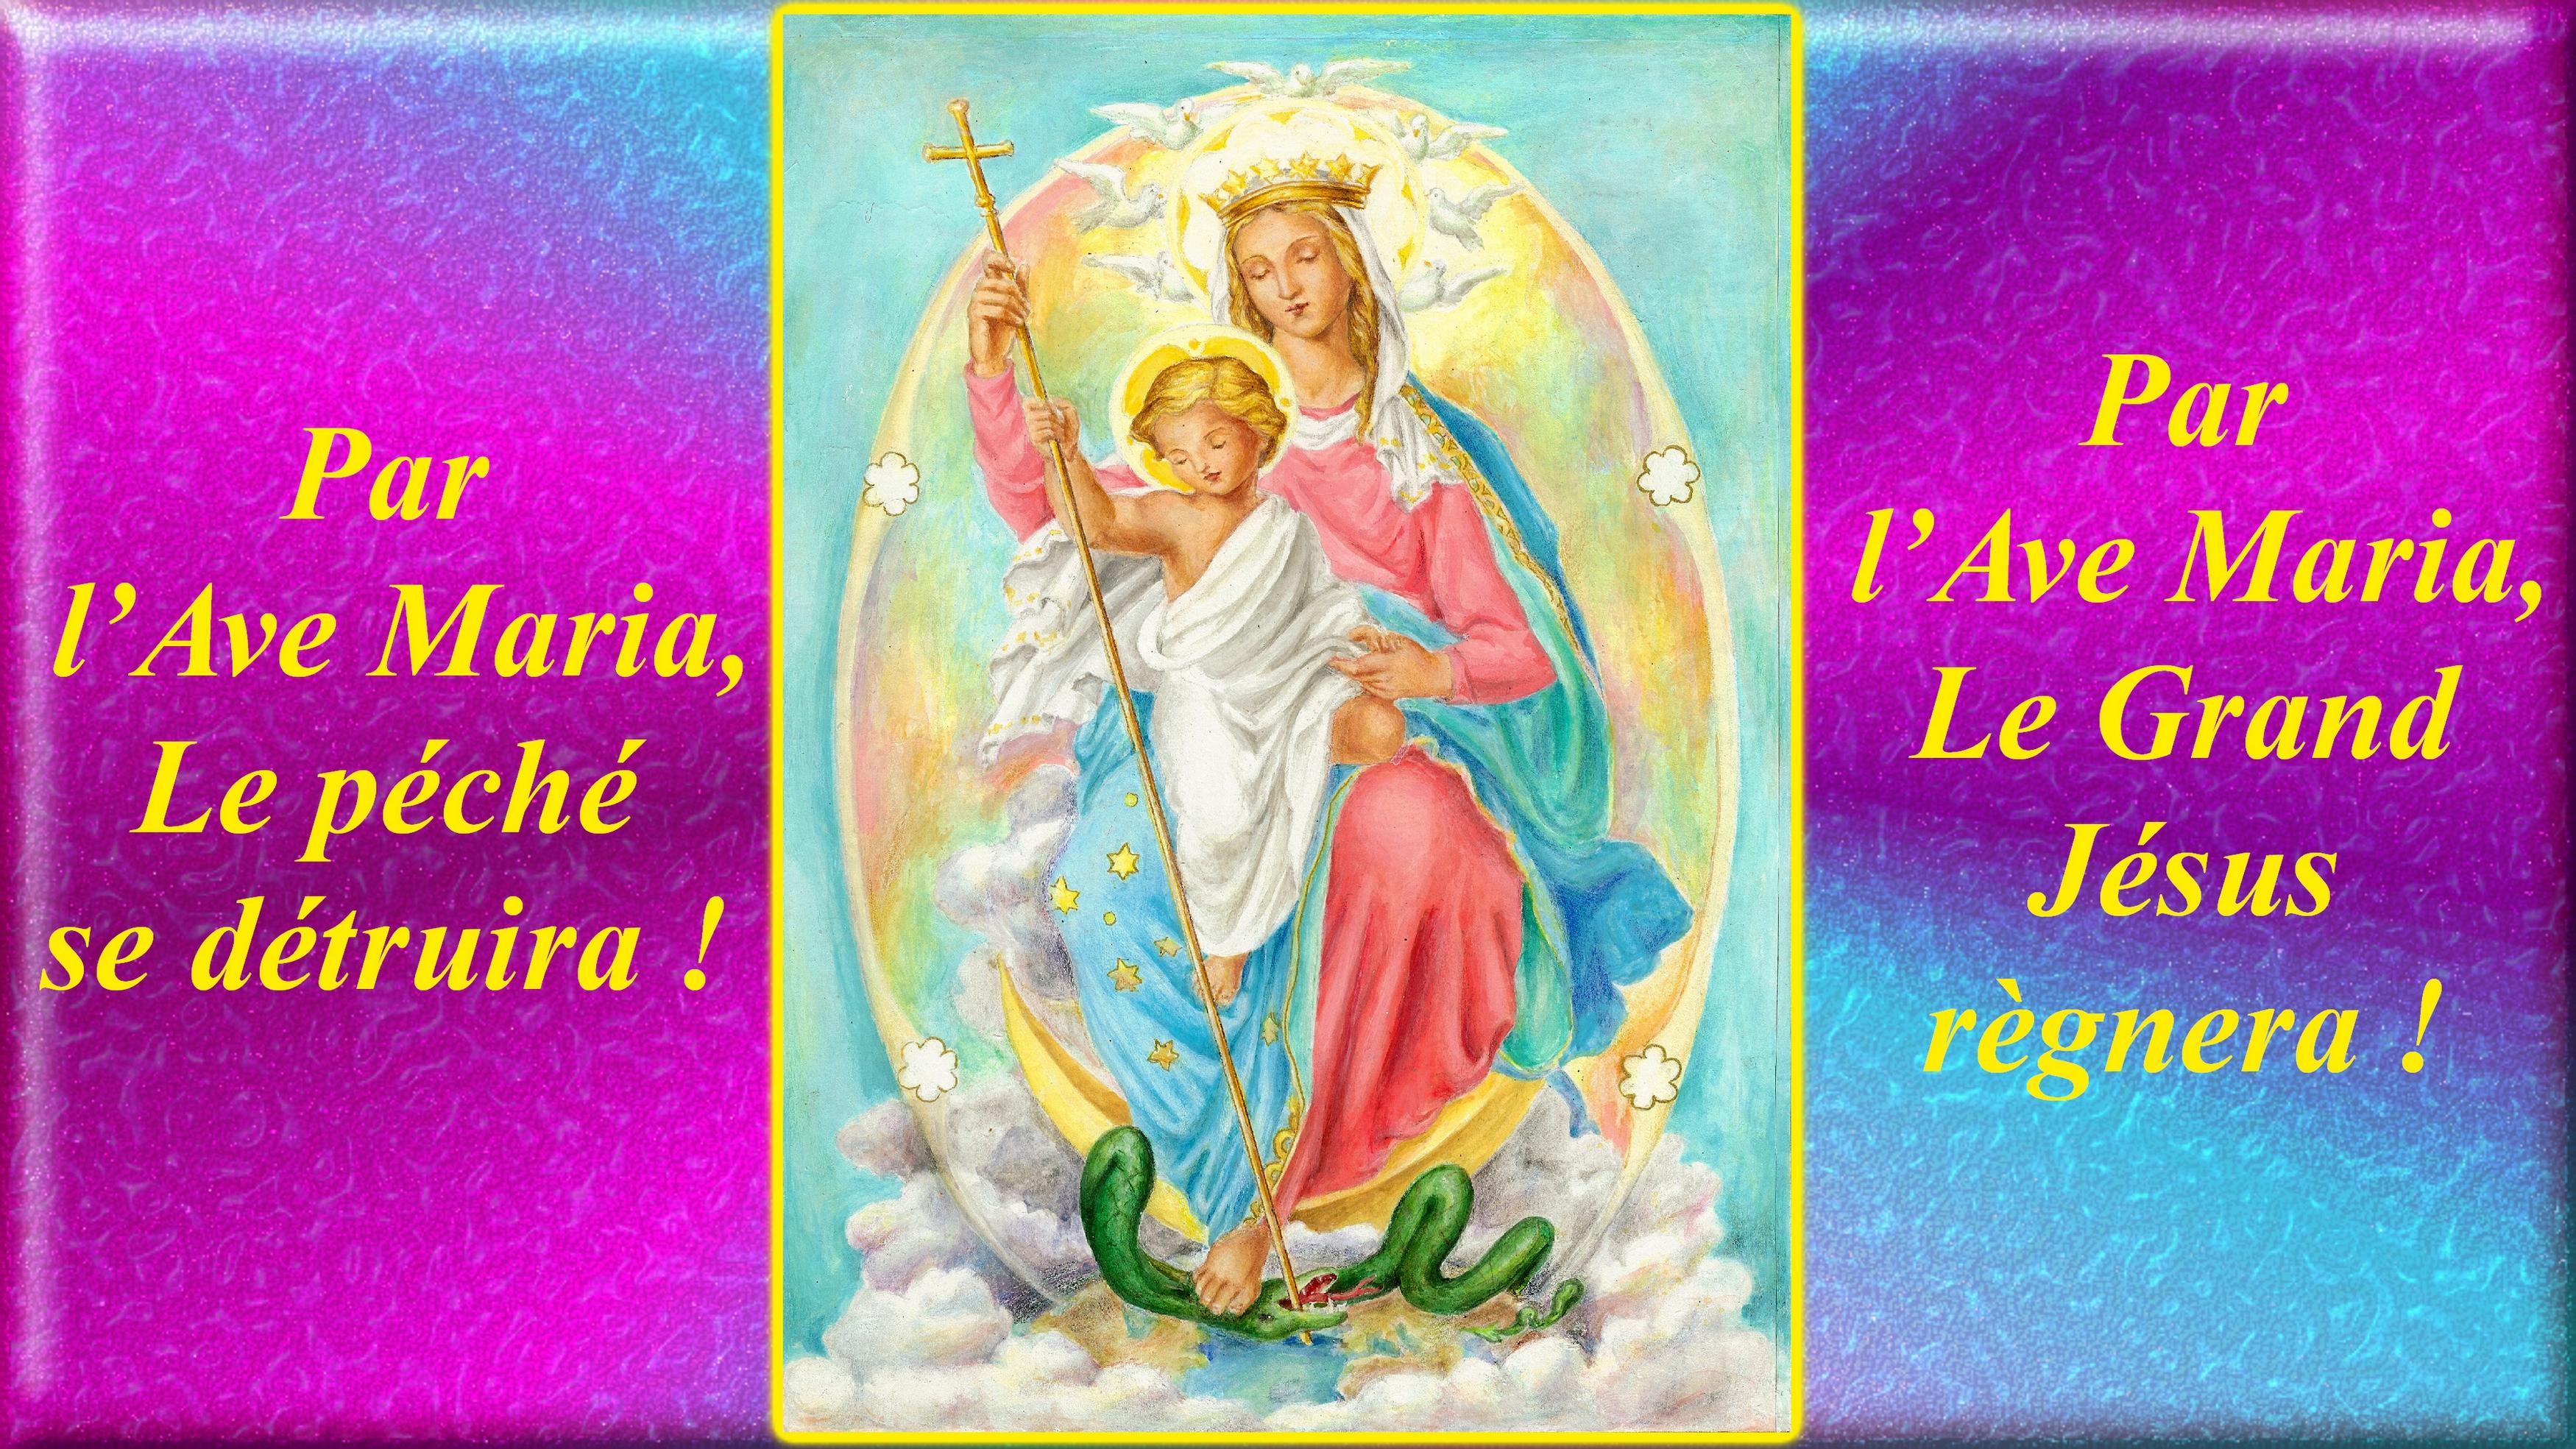 News au 24 mai 2020 Notre-dame-auxili...r-gnera--556164d